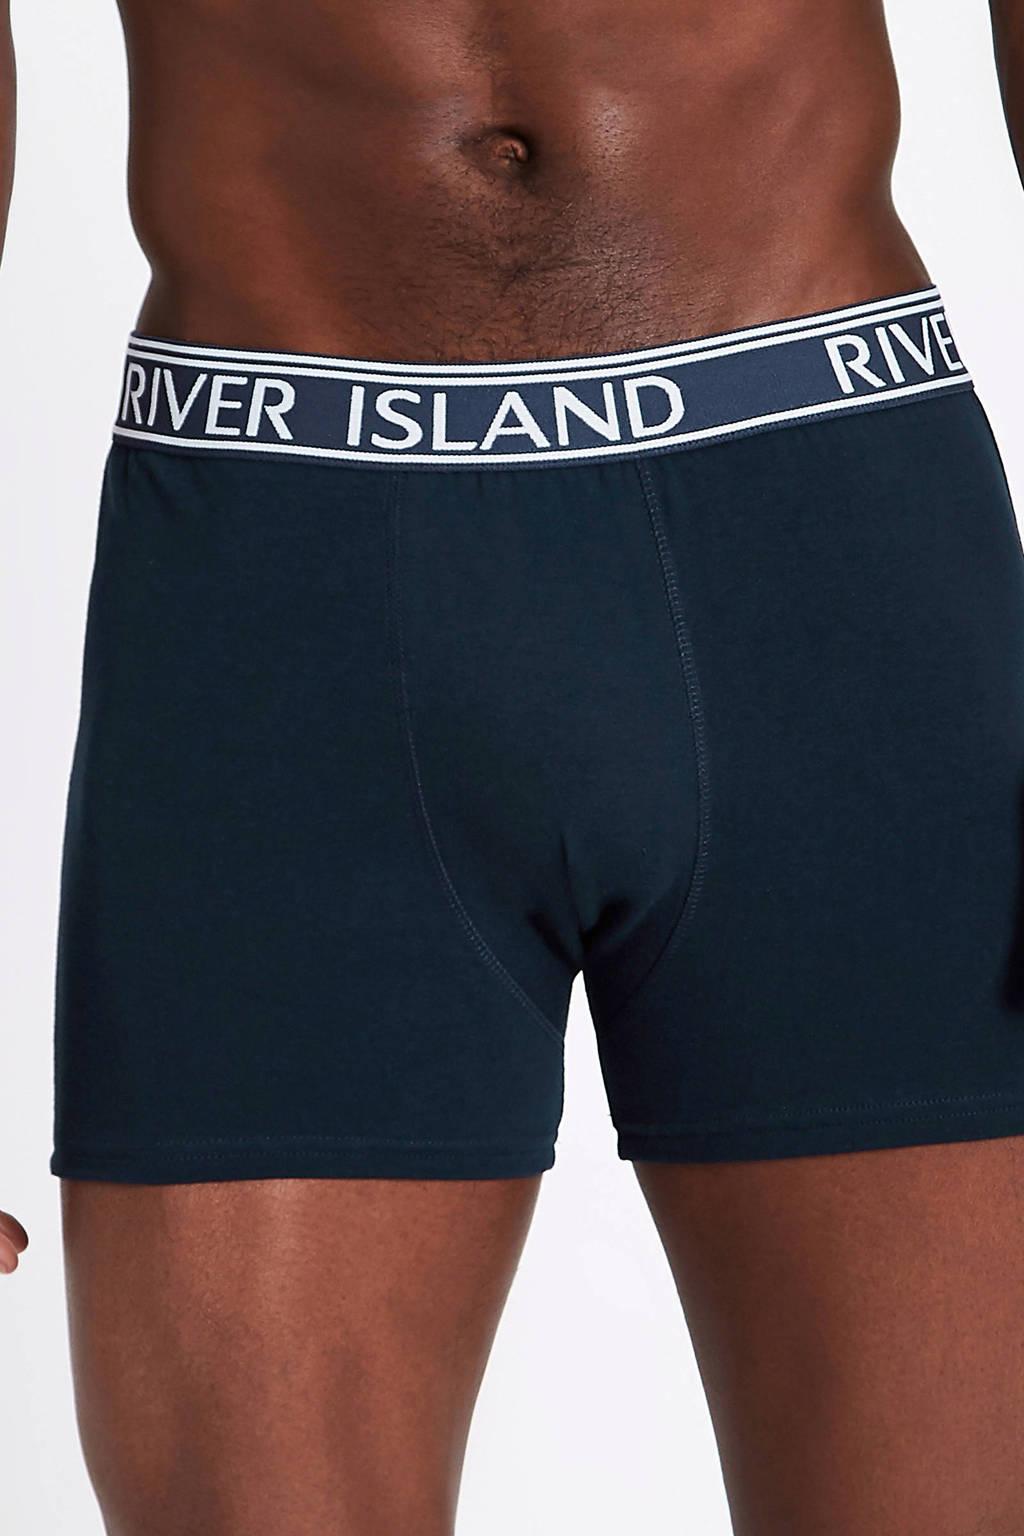 River Island boxershort (set van 5), Blauw/zwart/wit